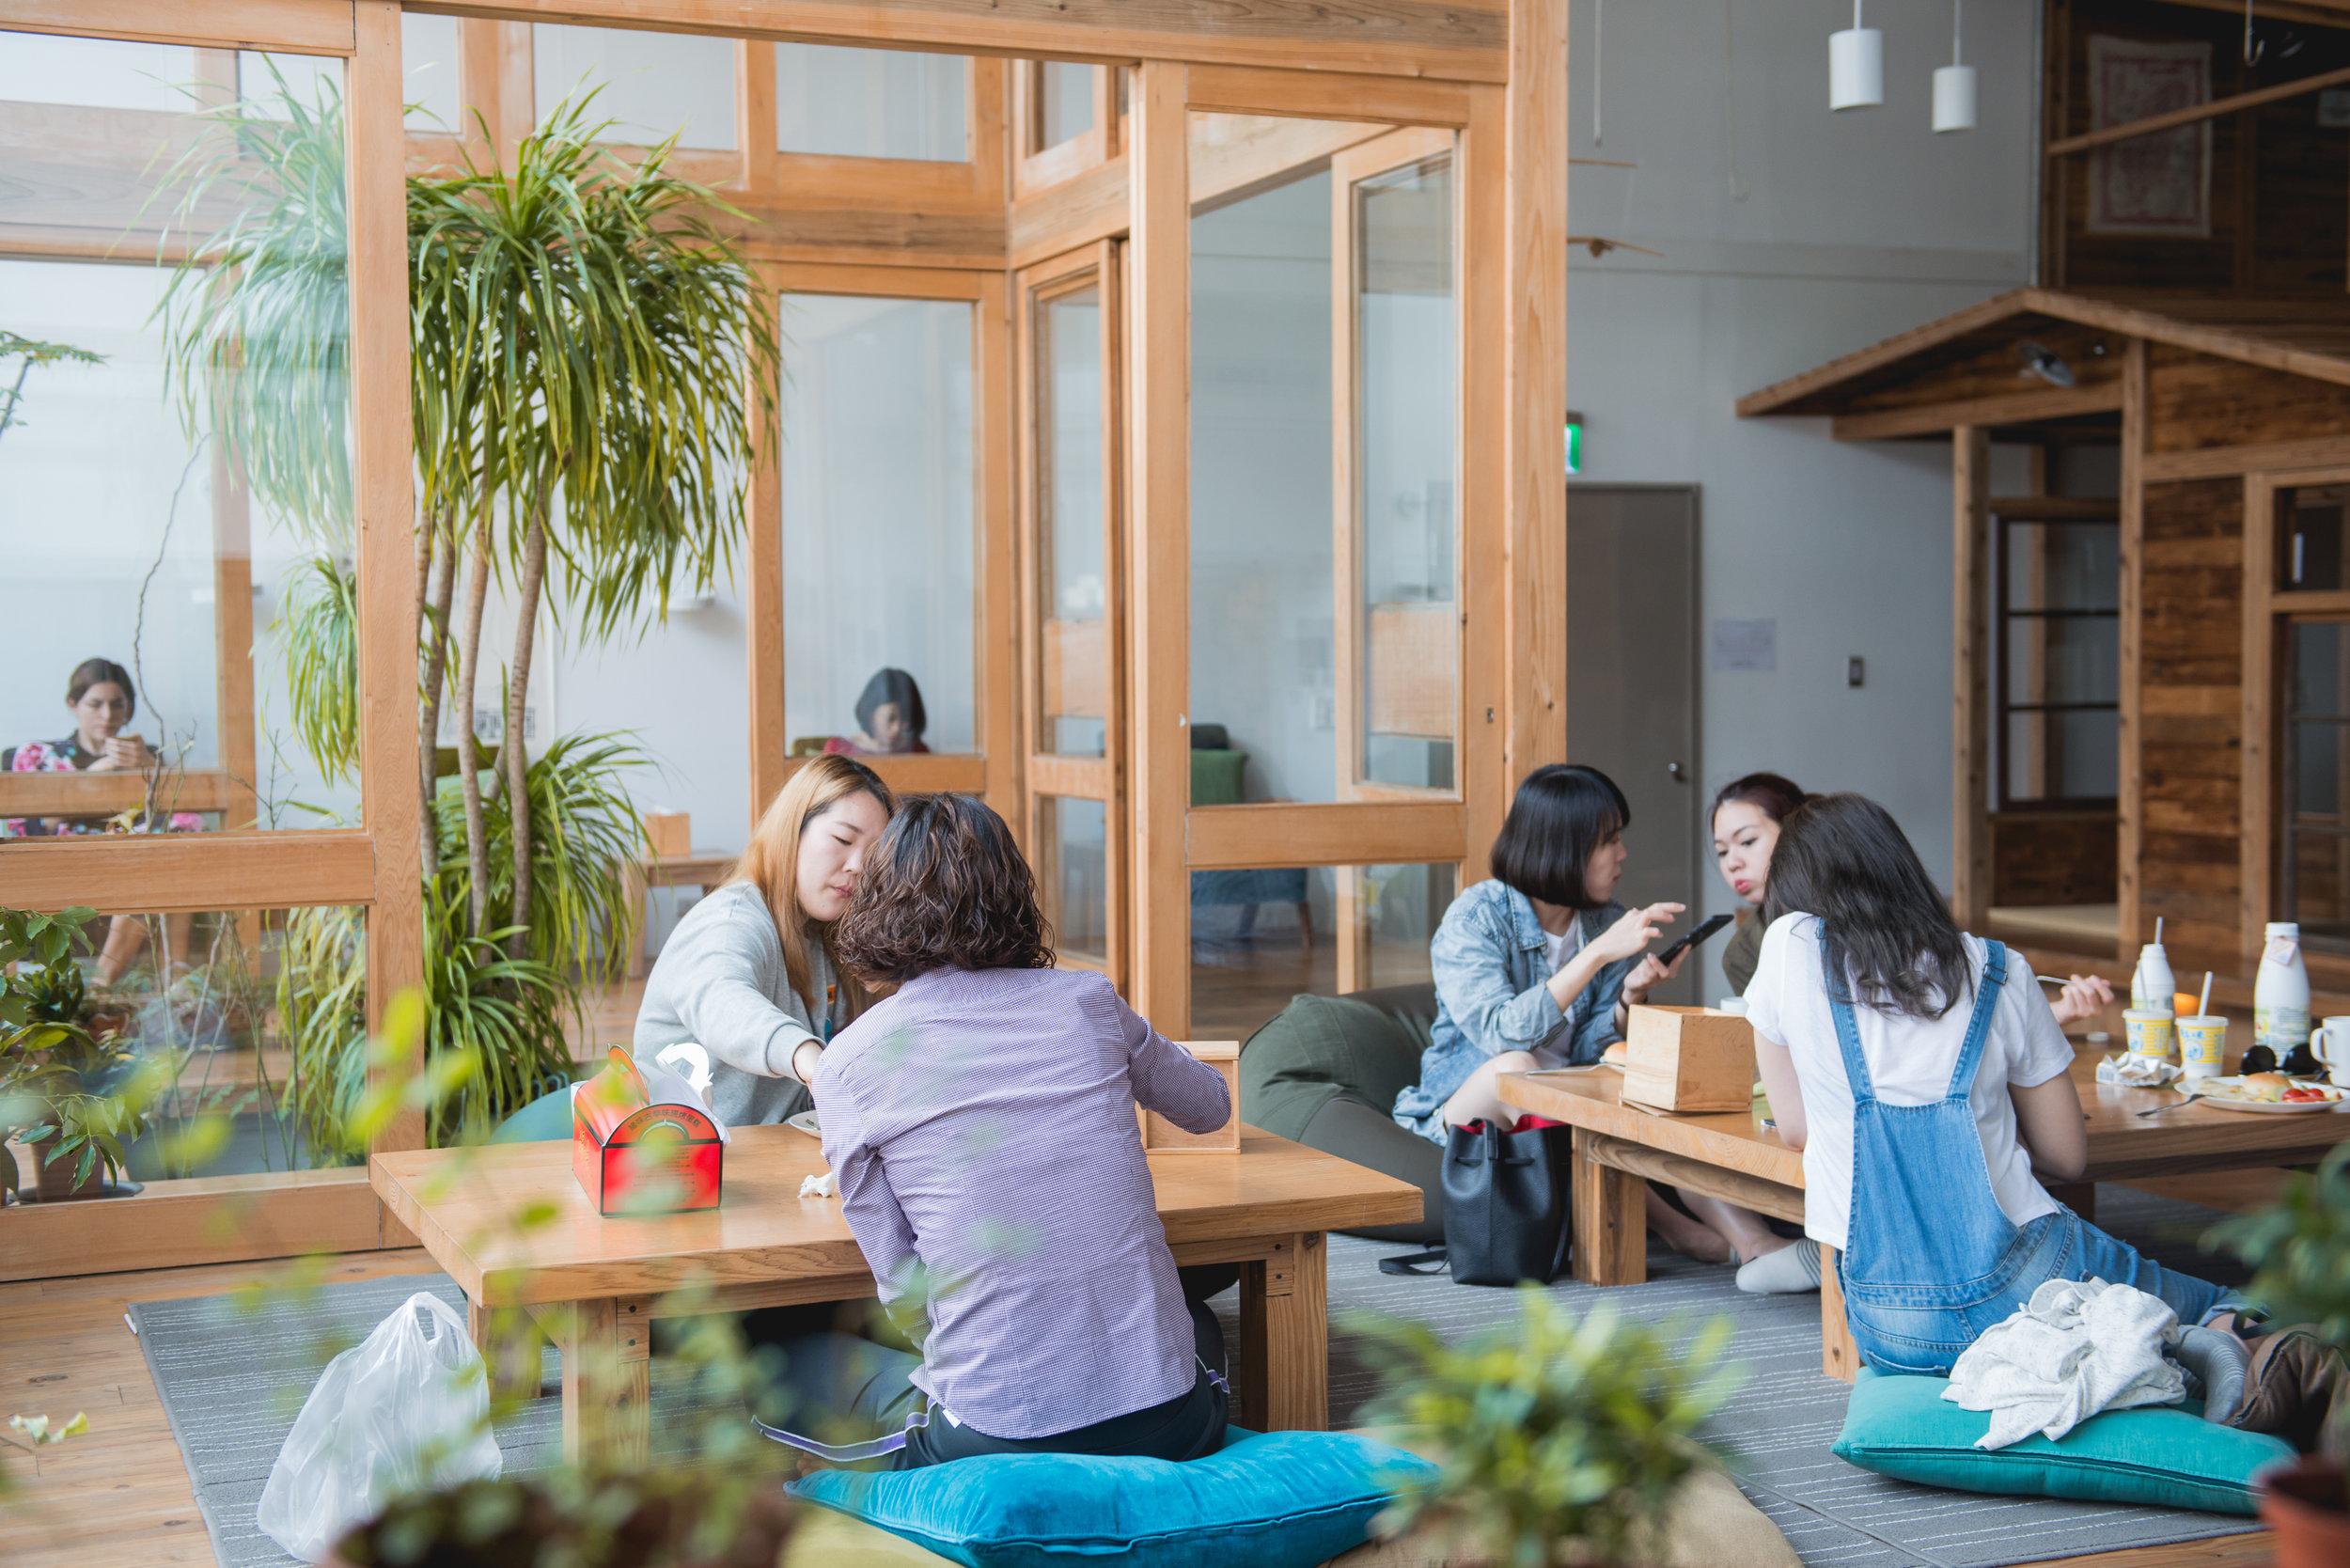 Green Lounge. - 交流したり、くつろいだり。それぞれの時間を楽しんでください。